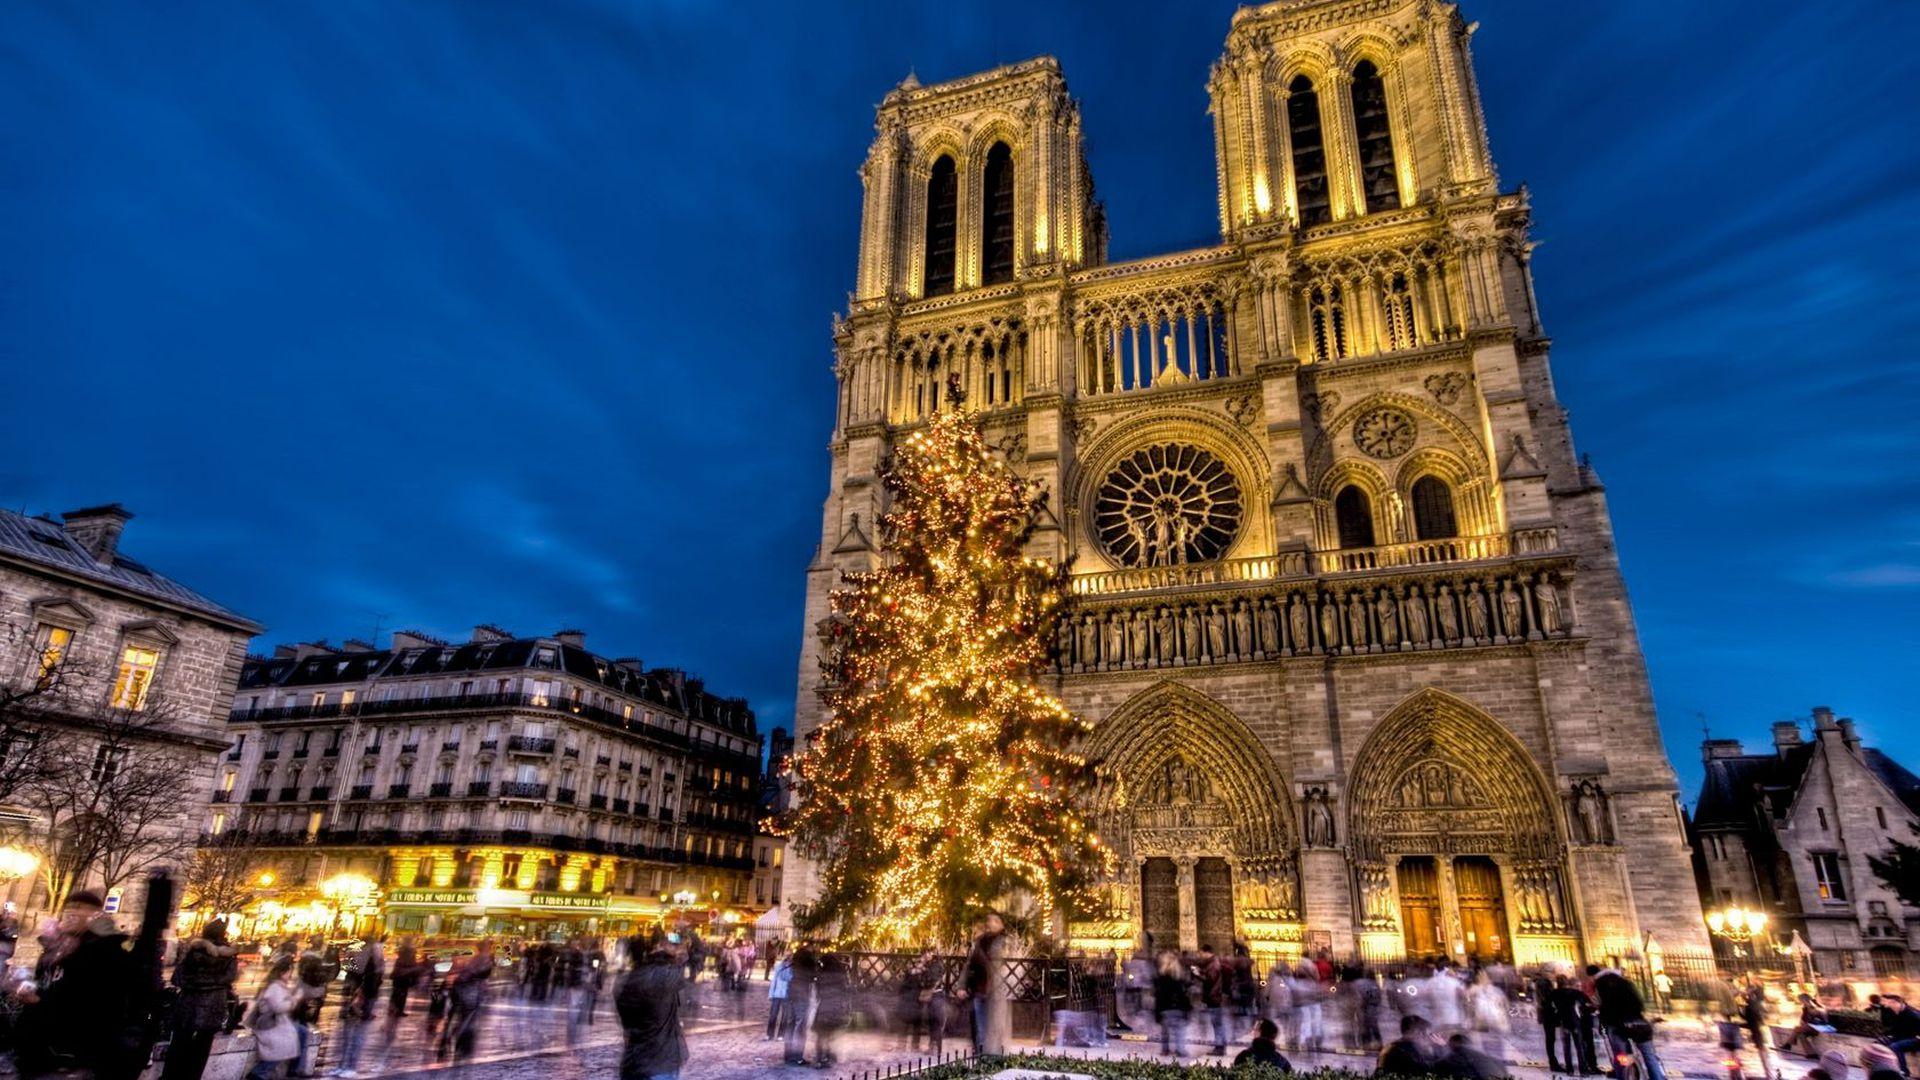 Защитник Рождества: праздничное приключение в Париже